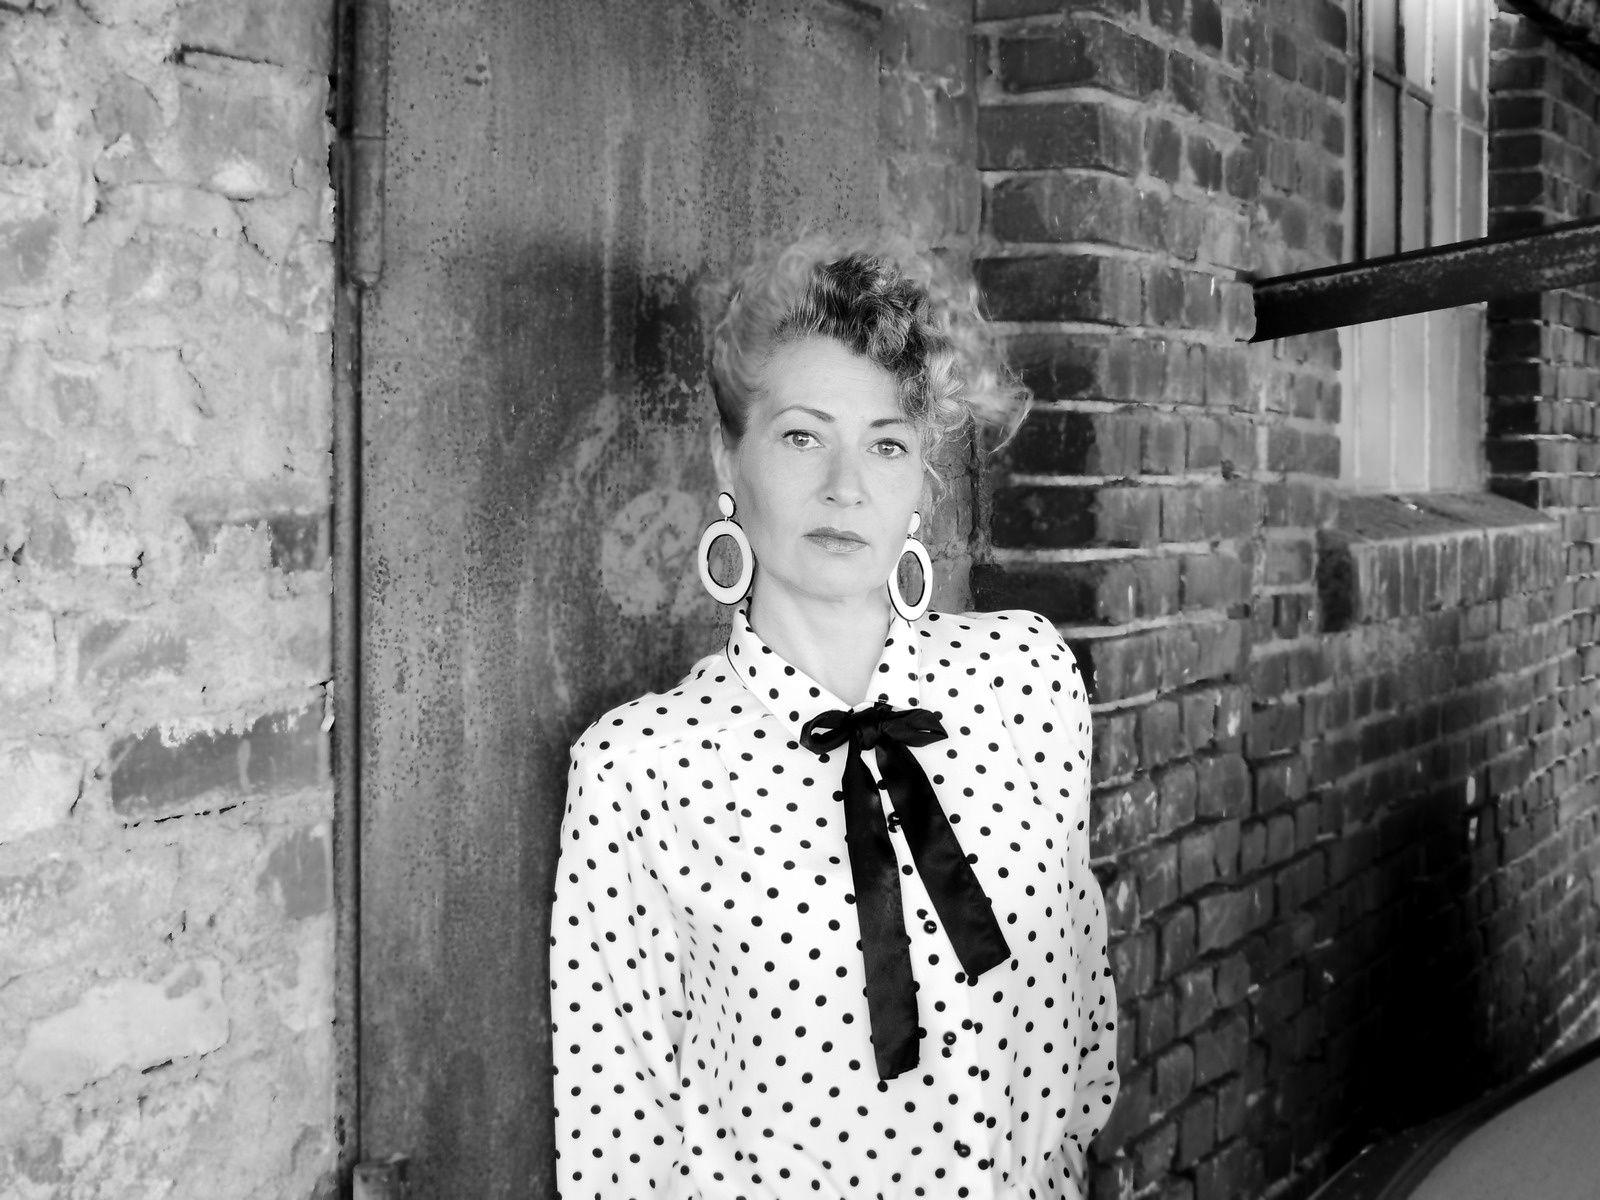 Handgefertigte schwarz-weiße Ohrringe aus Draht und Resin von Edna Mo.